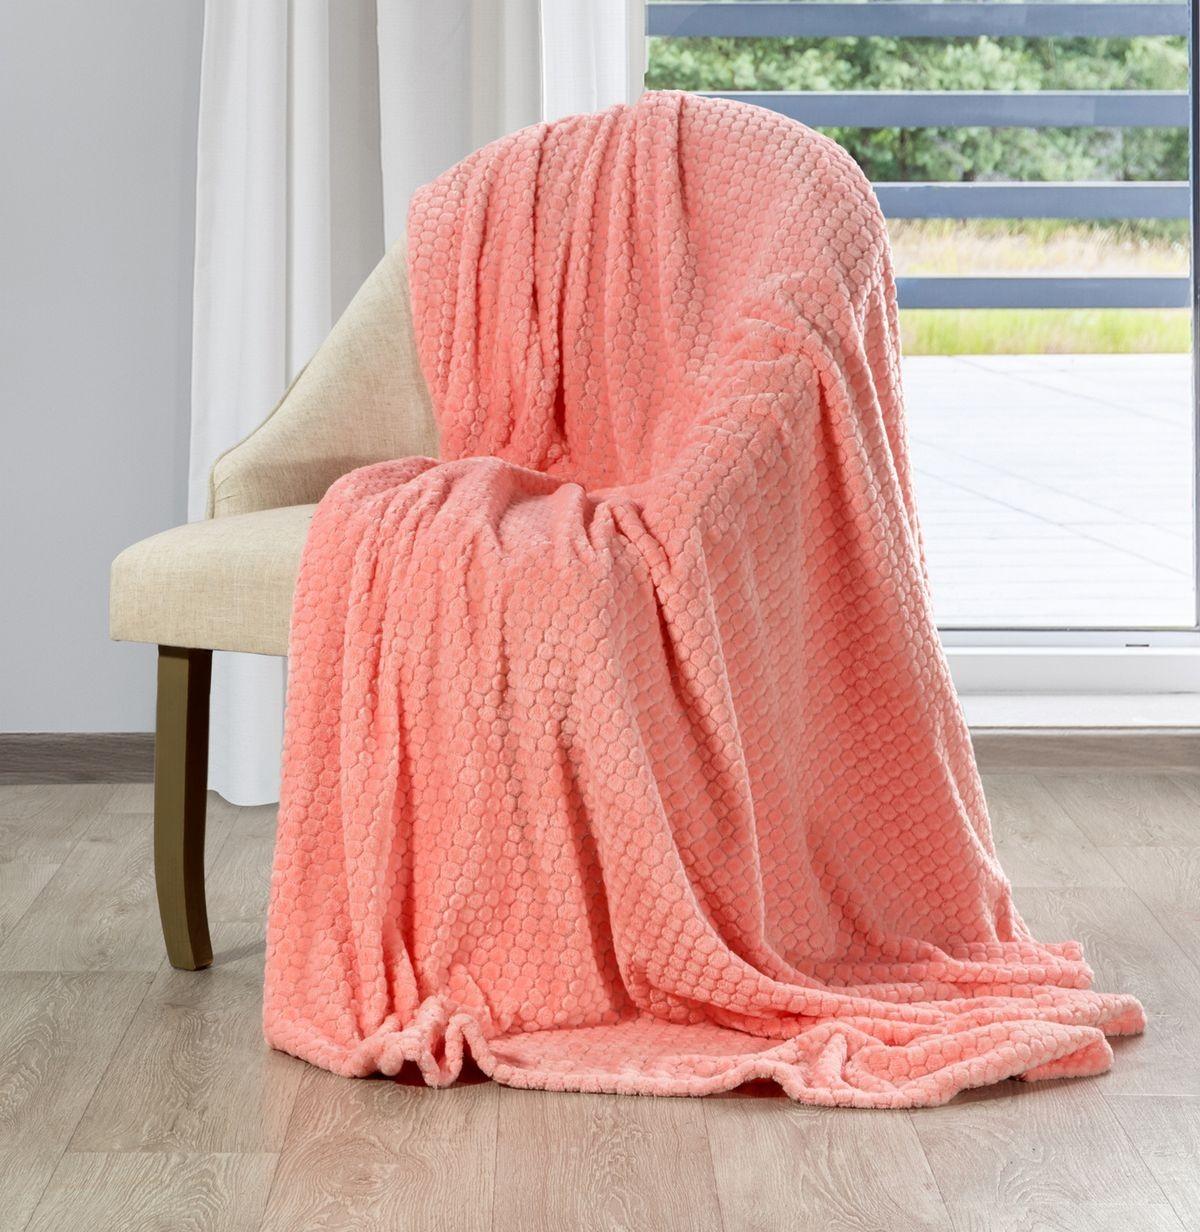 Krásna korálovo ružová deka s decentným reliéfnym vzorom 70 x 160 cm Šírka: 70 cm | Dĺžka: 160 cm